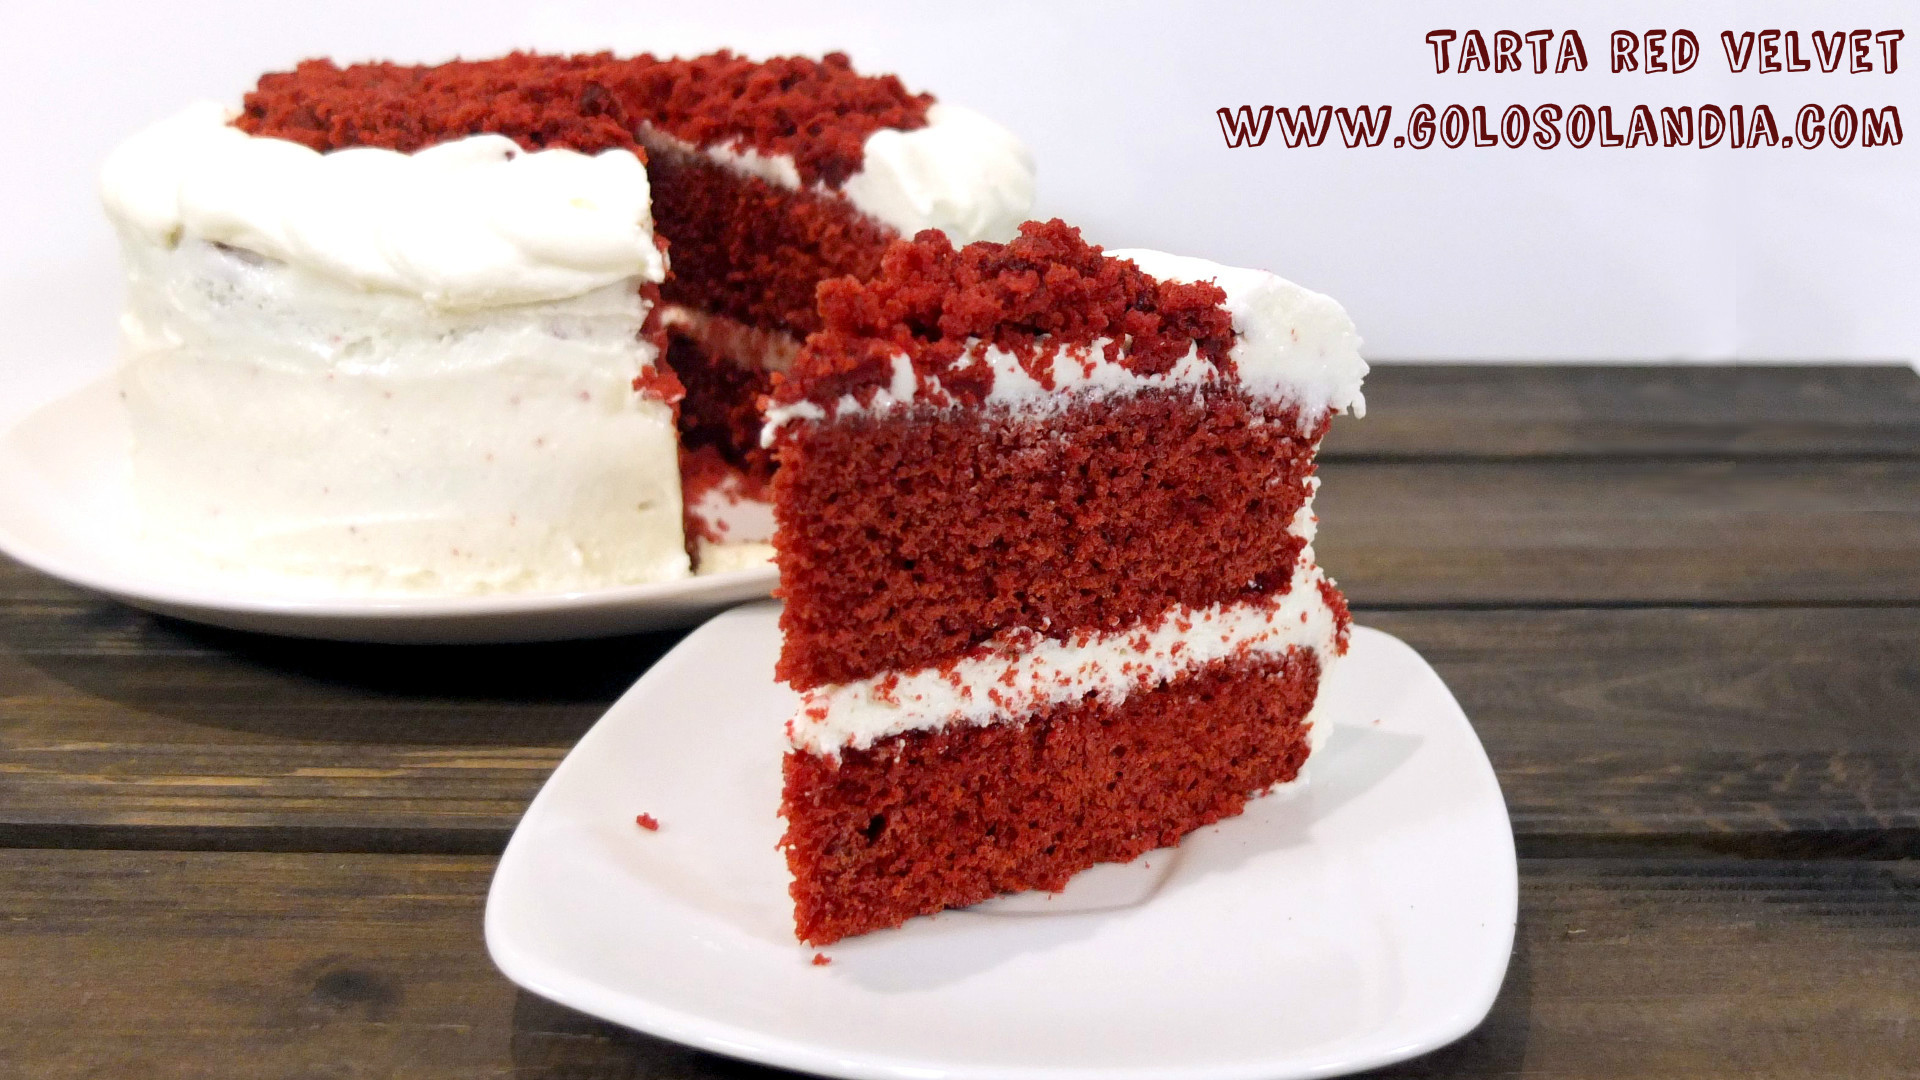 Tarta red velvet receta f cil paso a paso y v deo for Como decorar una torta facil y rapido